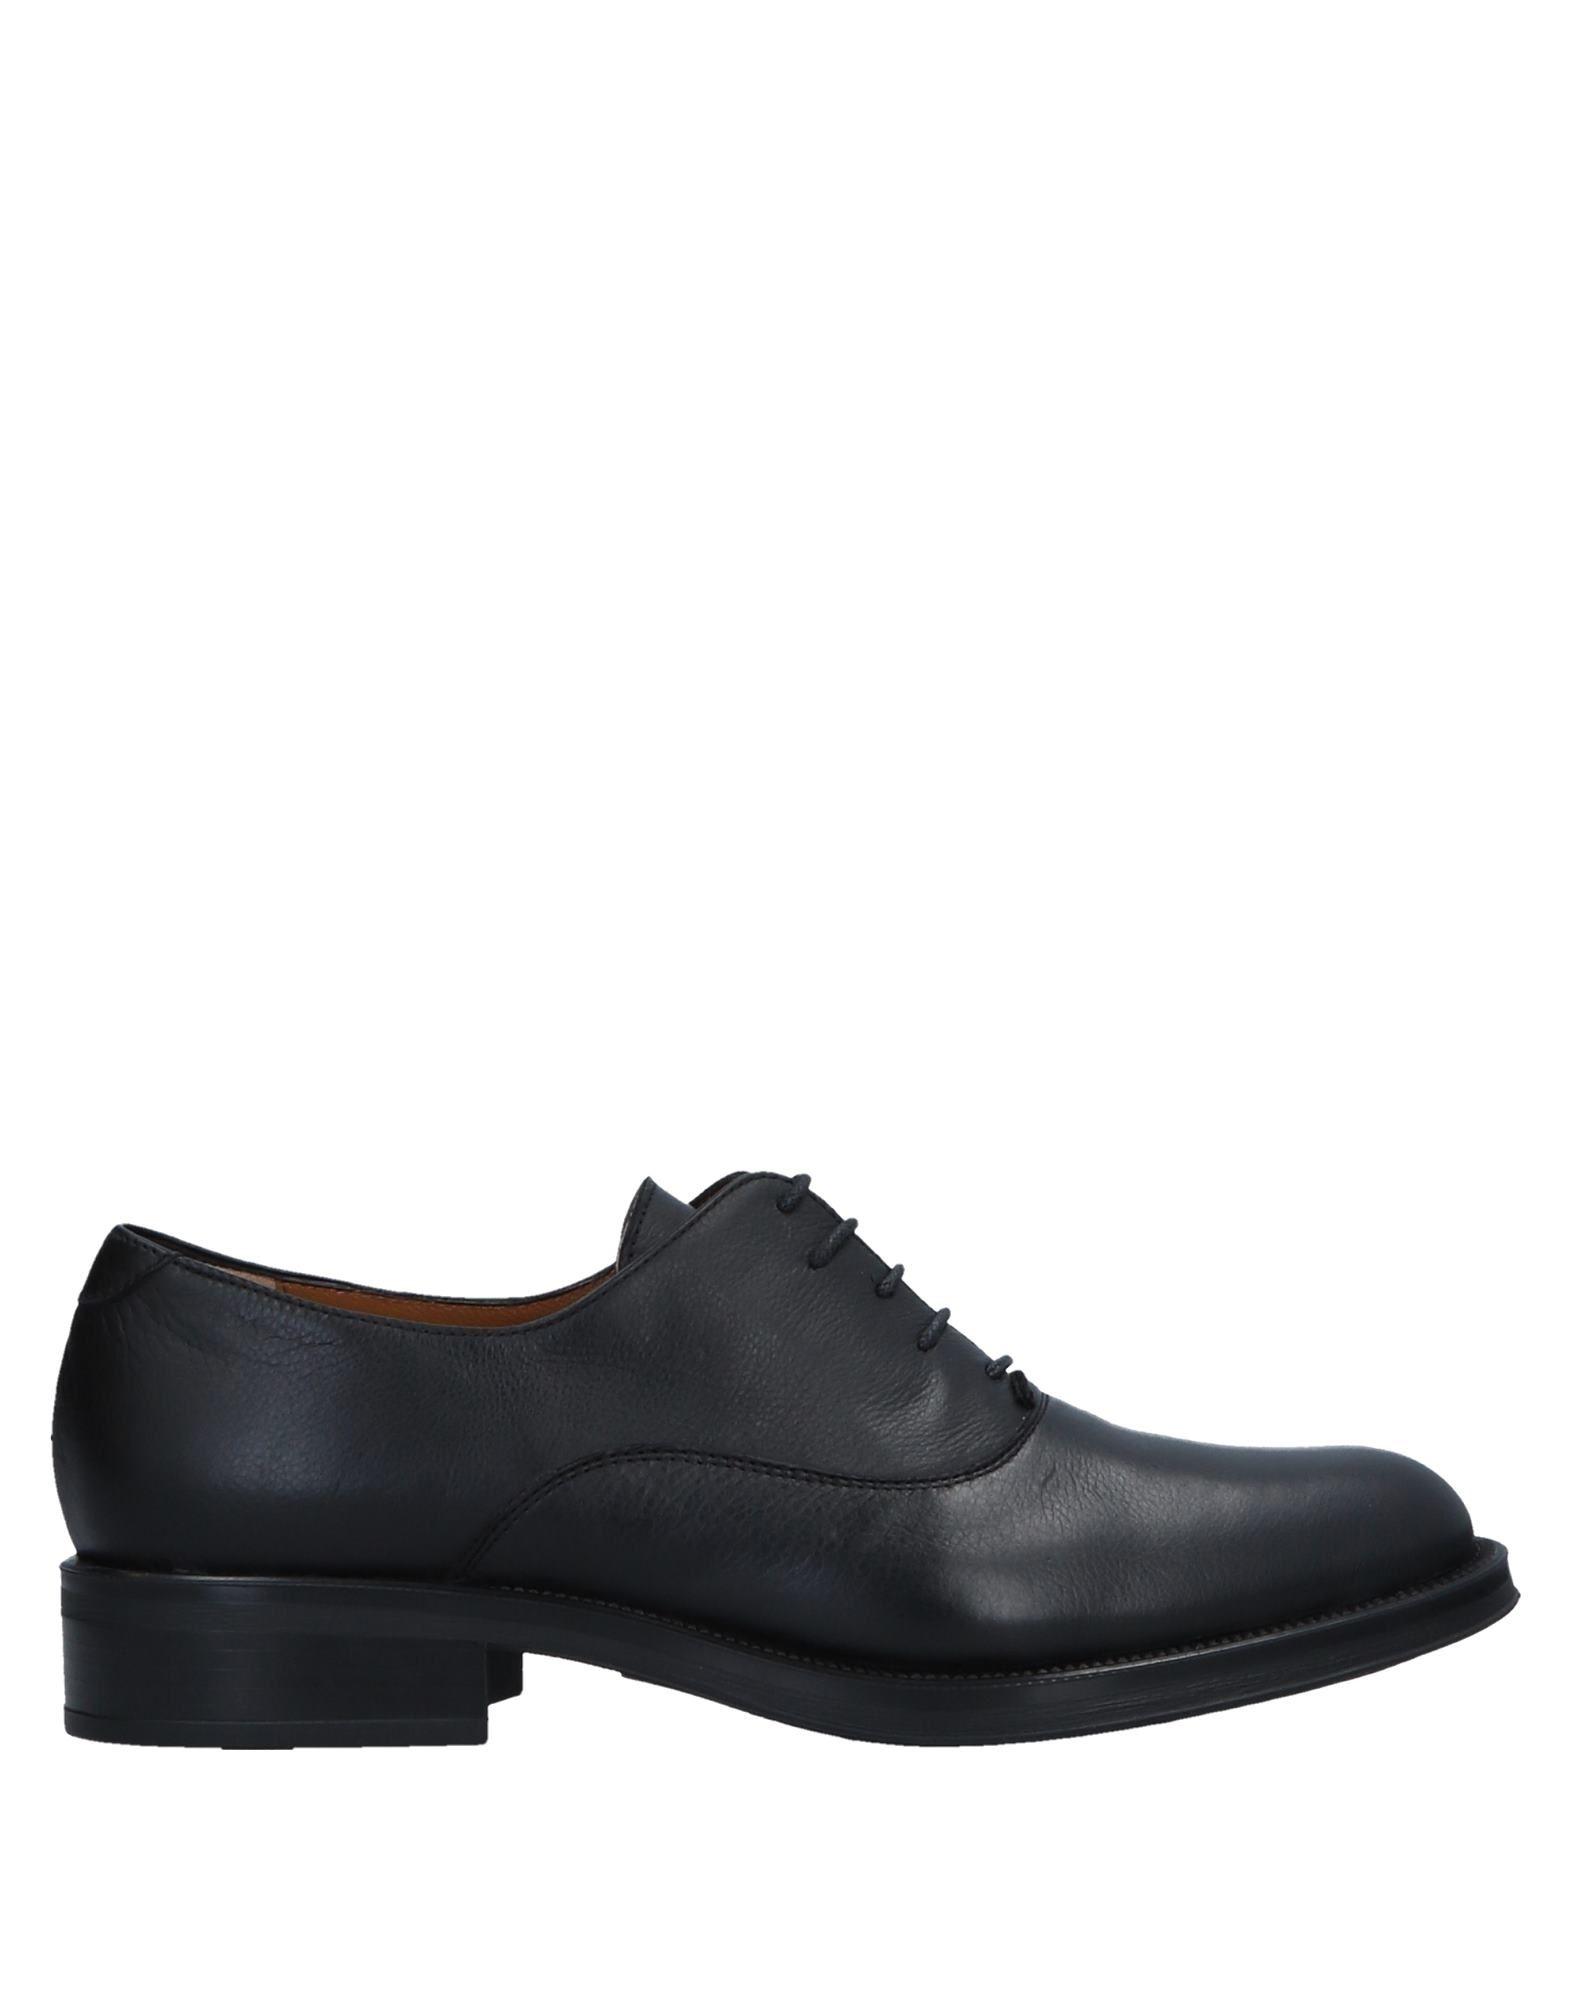 Stilvolle billige Damen Schuhe F.Lli Bruglia Schnürschuhe Damen billige 11521129RD 2dc5fe